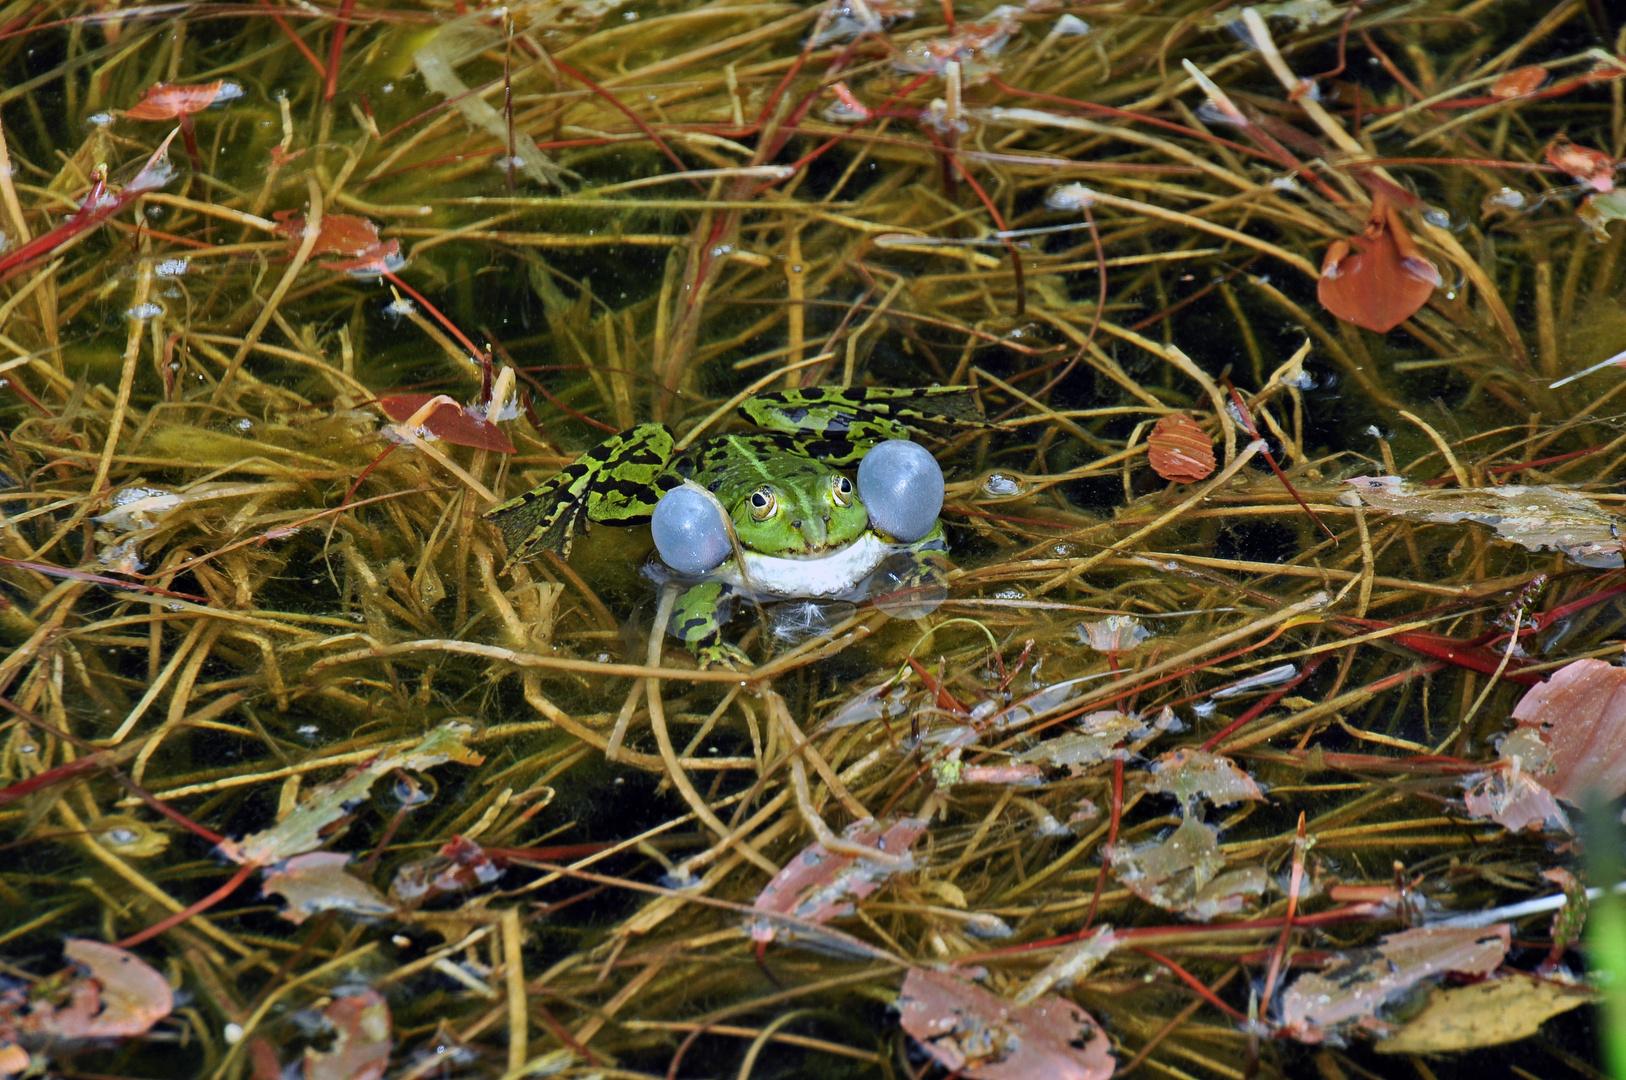 grüner Frosch